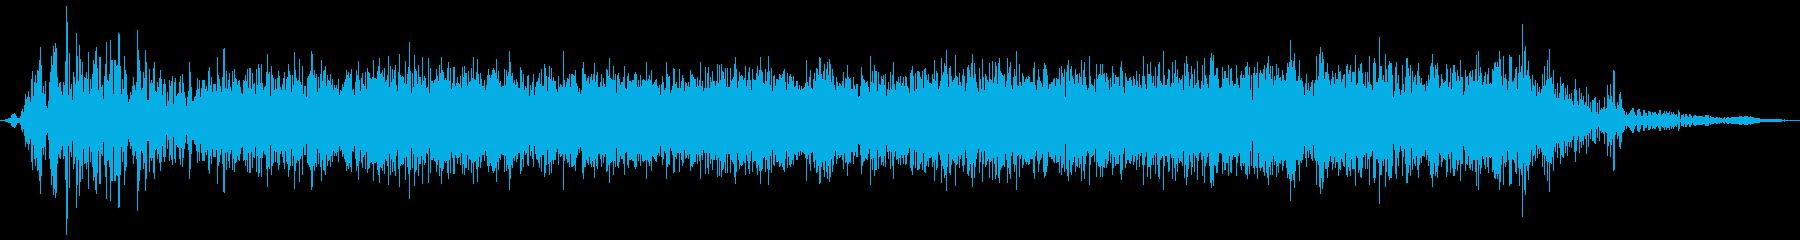 スペースターボエレベーター:宇宙船...の再生済みの波形